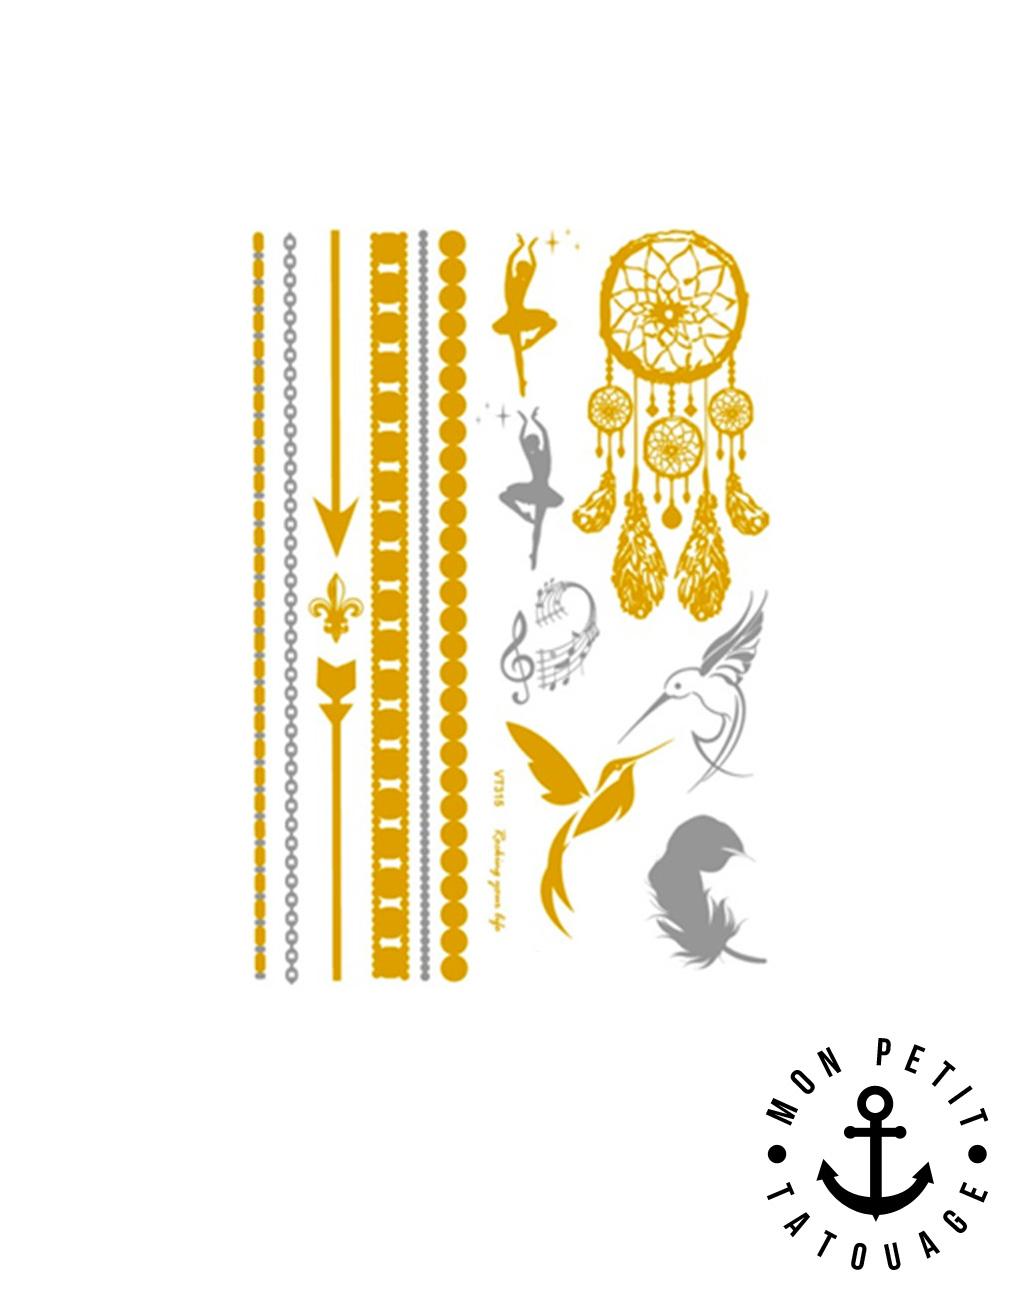 Fleur de lys tatouage galerie tatouage - Fleur de lys signification ...